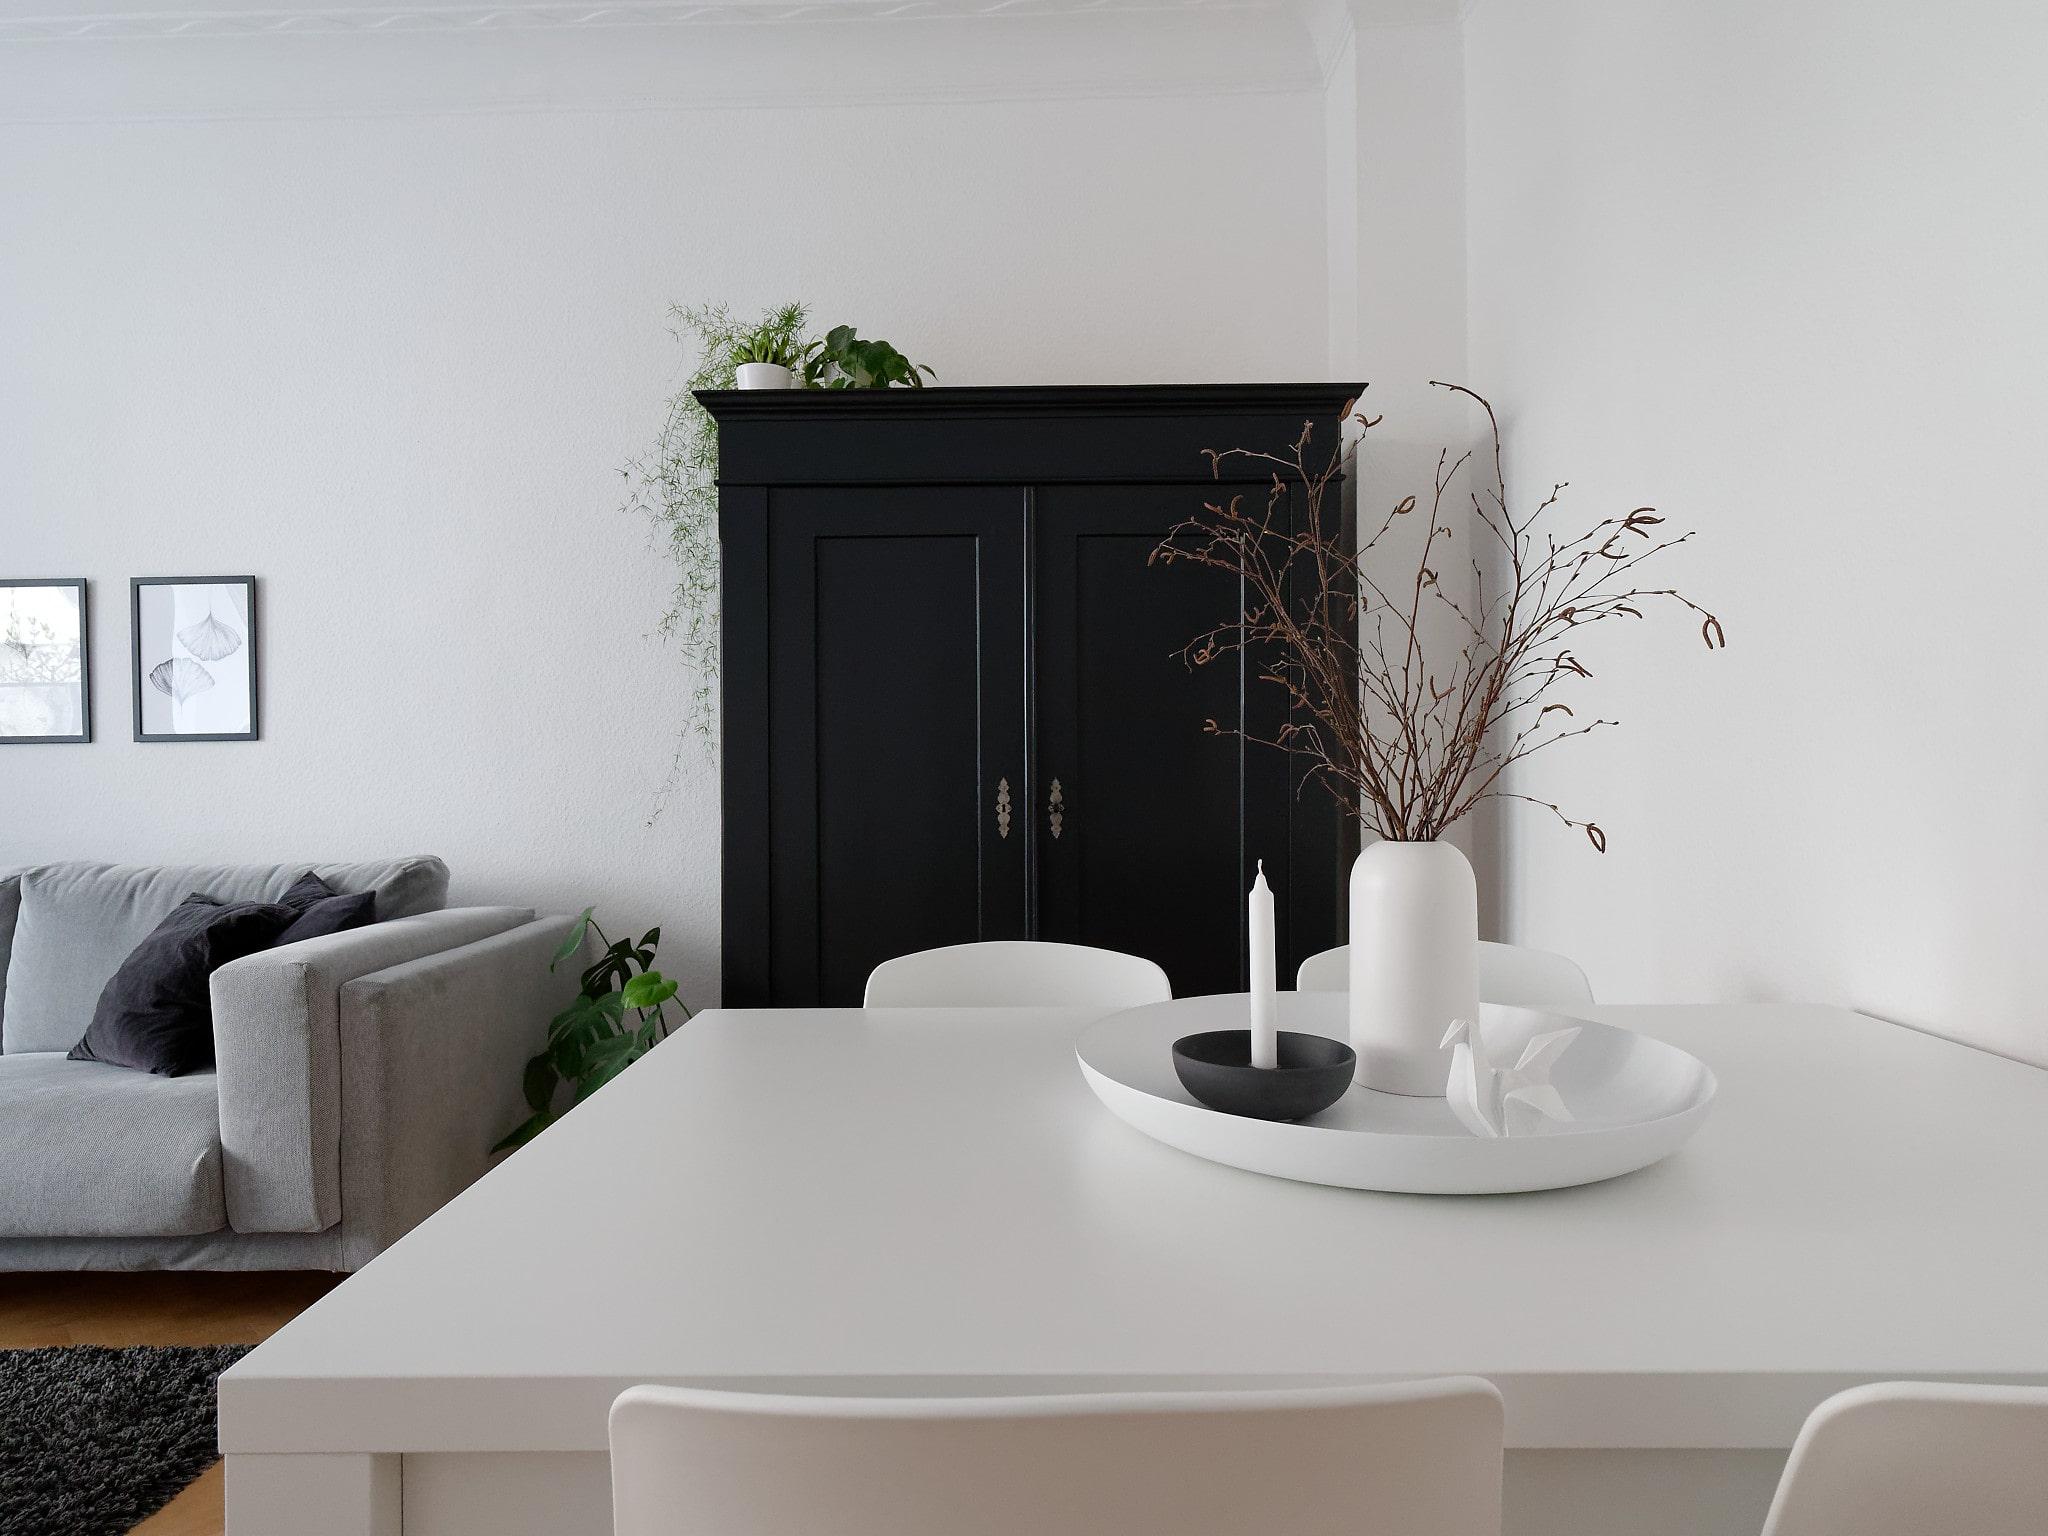 Wohnzimmer mit Schrank in weiß, grau und schwarz